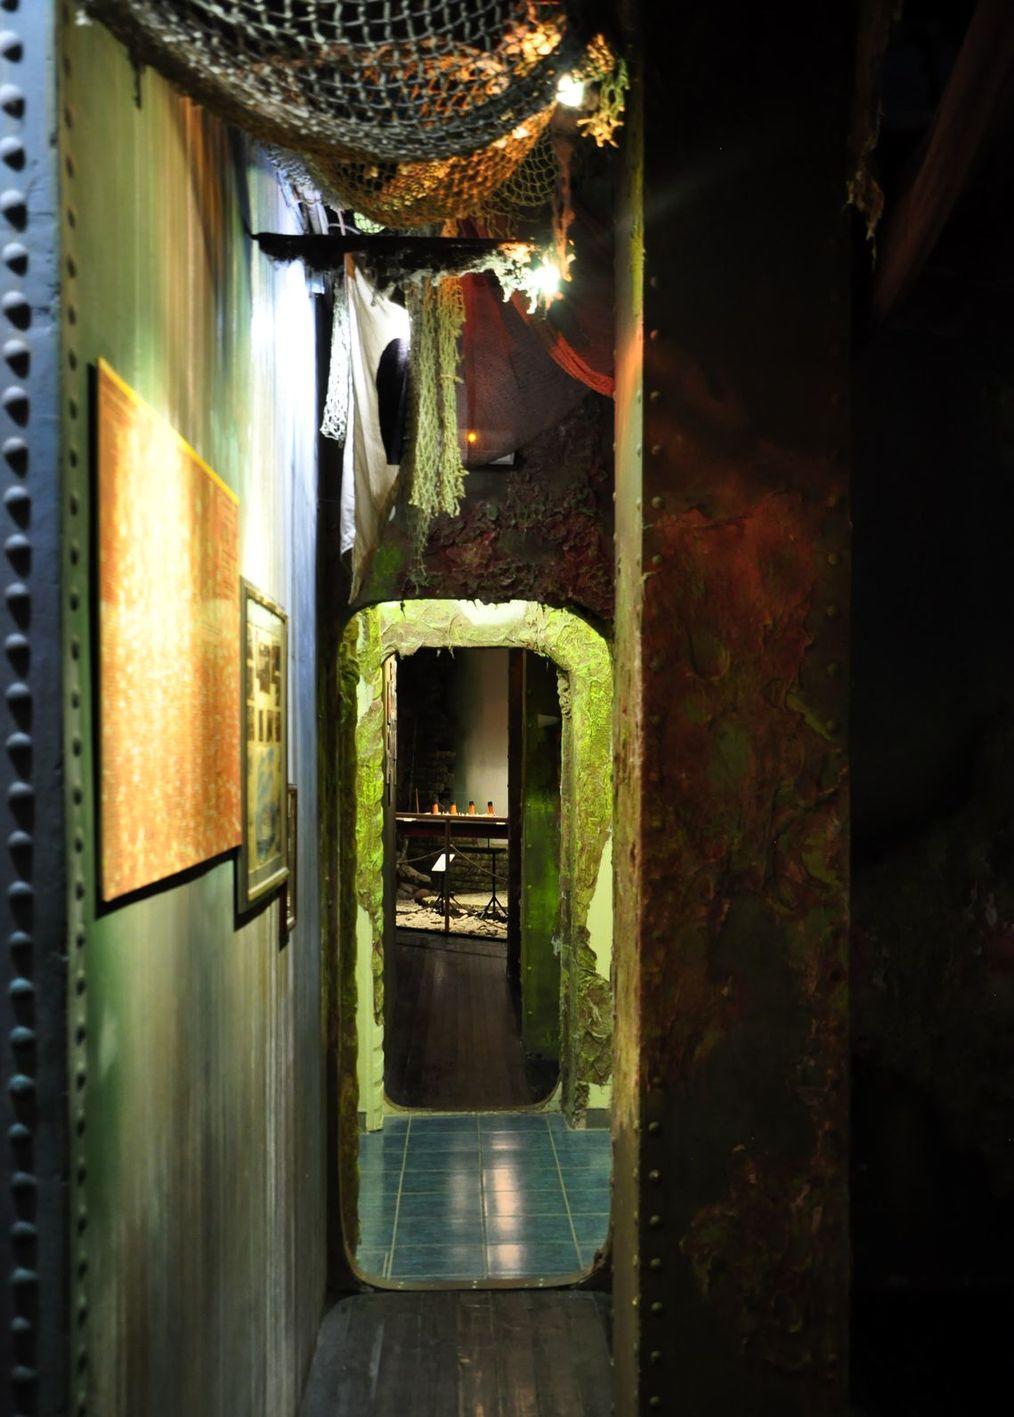 Переход из зала в зал в музее катастроф на водах. Музей катастроф на водах в Малореченском